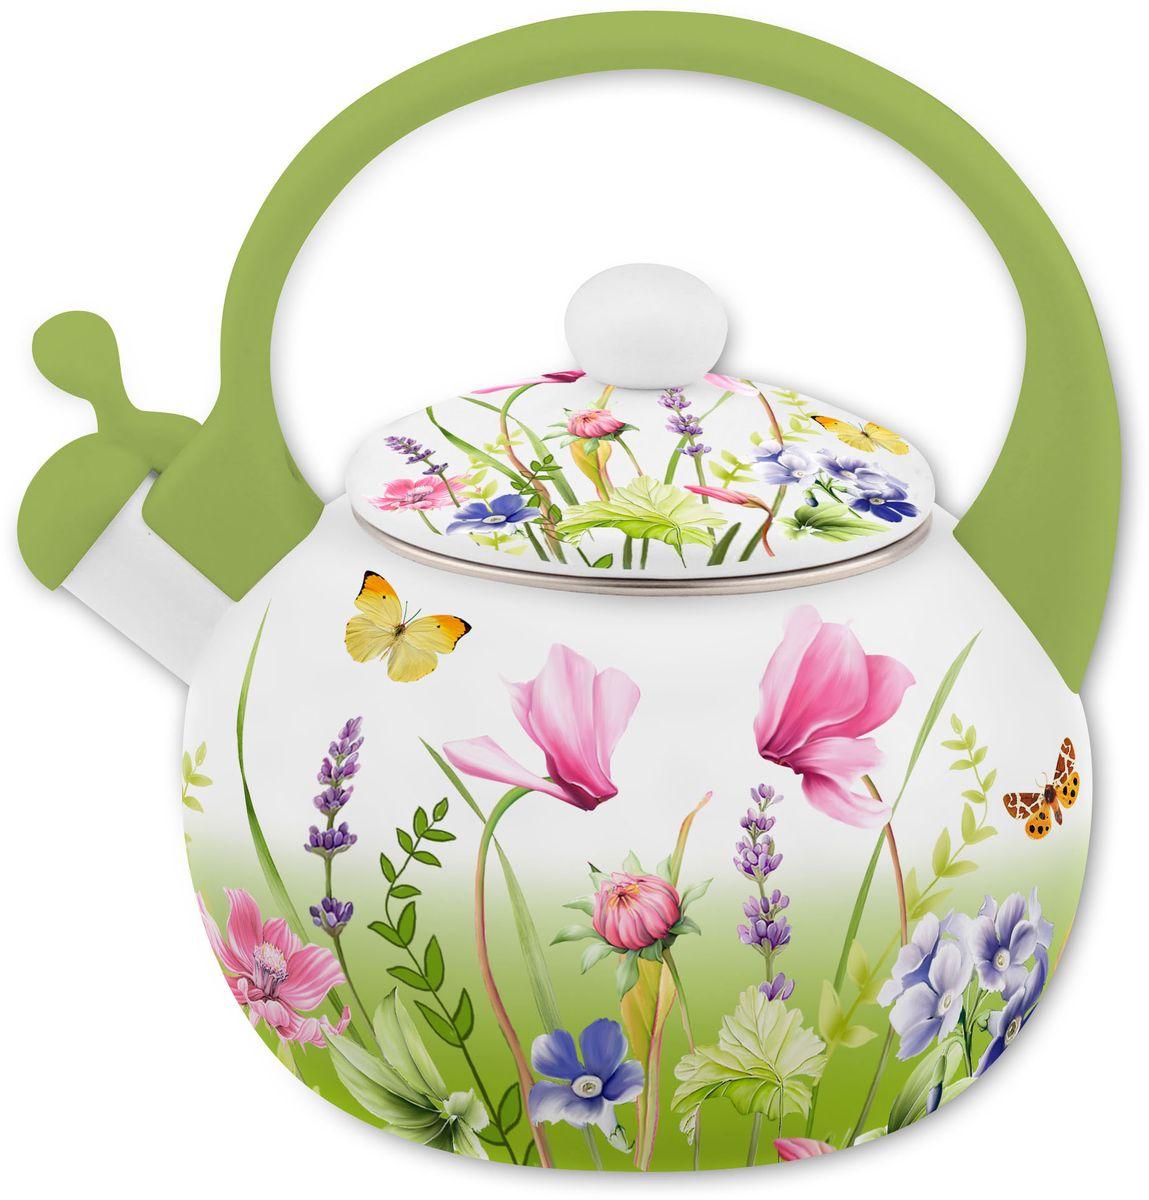 """Чайник Appetite """"Примавера"""" изготовлен из высококачественного стального проката с  эмалированным покрытием. Эмалированная посуда очень удобна в использовании, она практична  и элегантна. За такой посудой легко ухаживать: чистить и мыть. Чайники с эмалированным  покрытием обладают неоспоримым преимуществом: гладкая поверхность не впитывает запахи и  препятствует размножению бактерий. Чайник оснащен удобной бакелитовой ручкой. Носик  чайника имеет откидной свисток, звуковой сигнал которого подскажет, когда закипит вода. Подходит для использования на всех видах плит: электрических, газовых, стеклокерамических,  индукционных."""